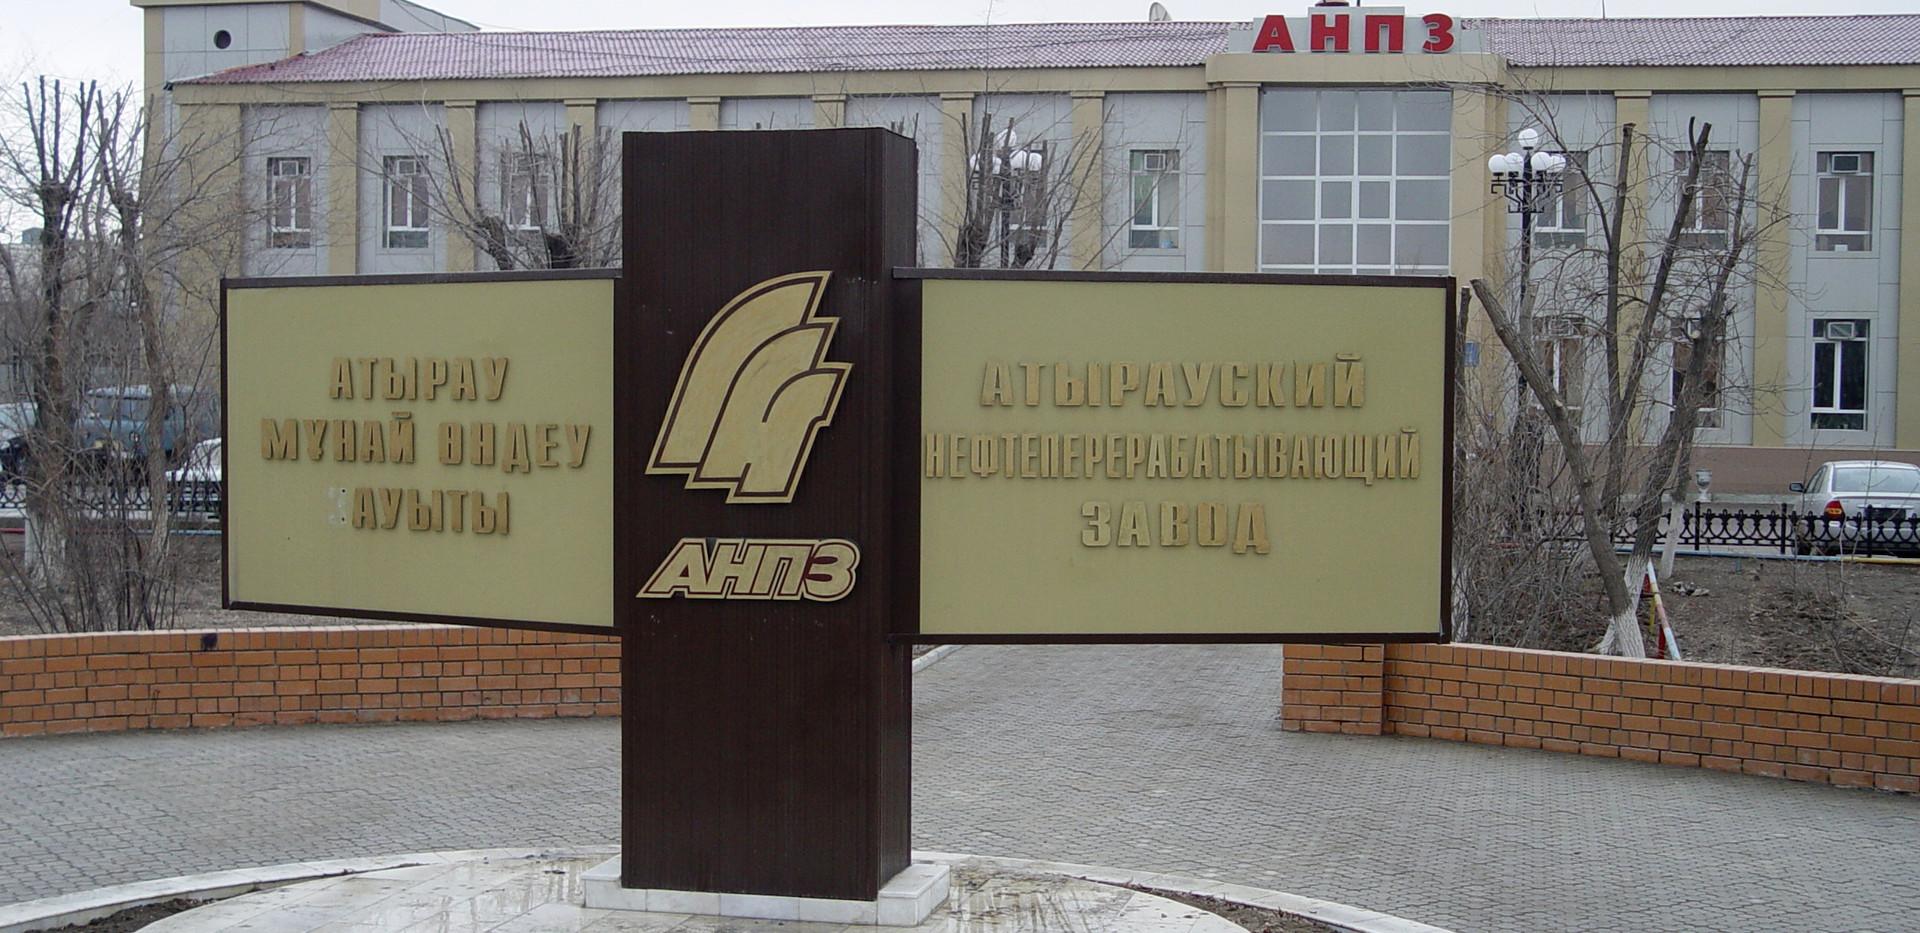 Атырауский (ранее Гурьевский) нефтеперерабатывающий завод